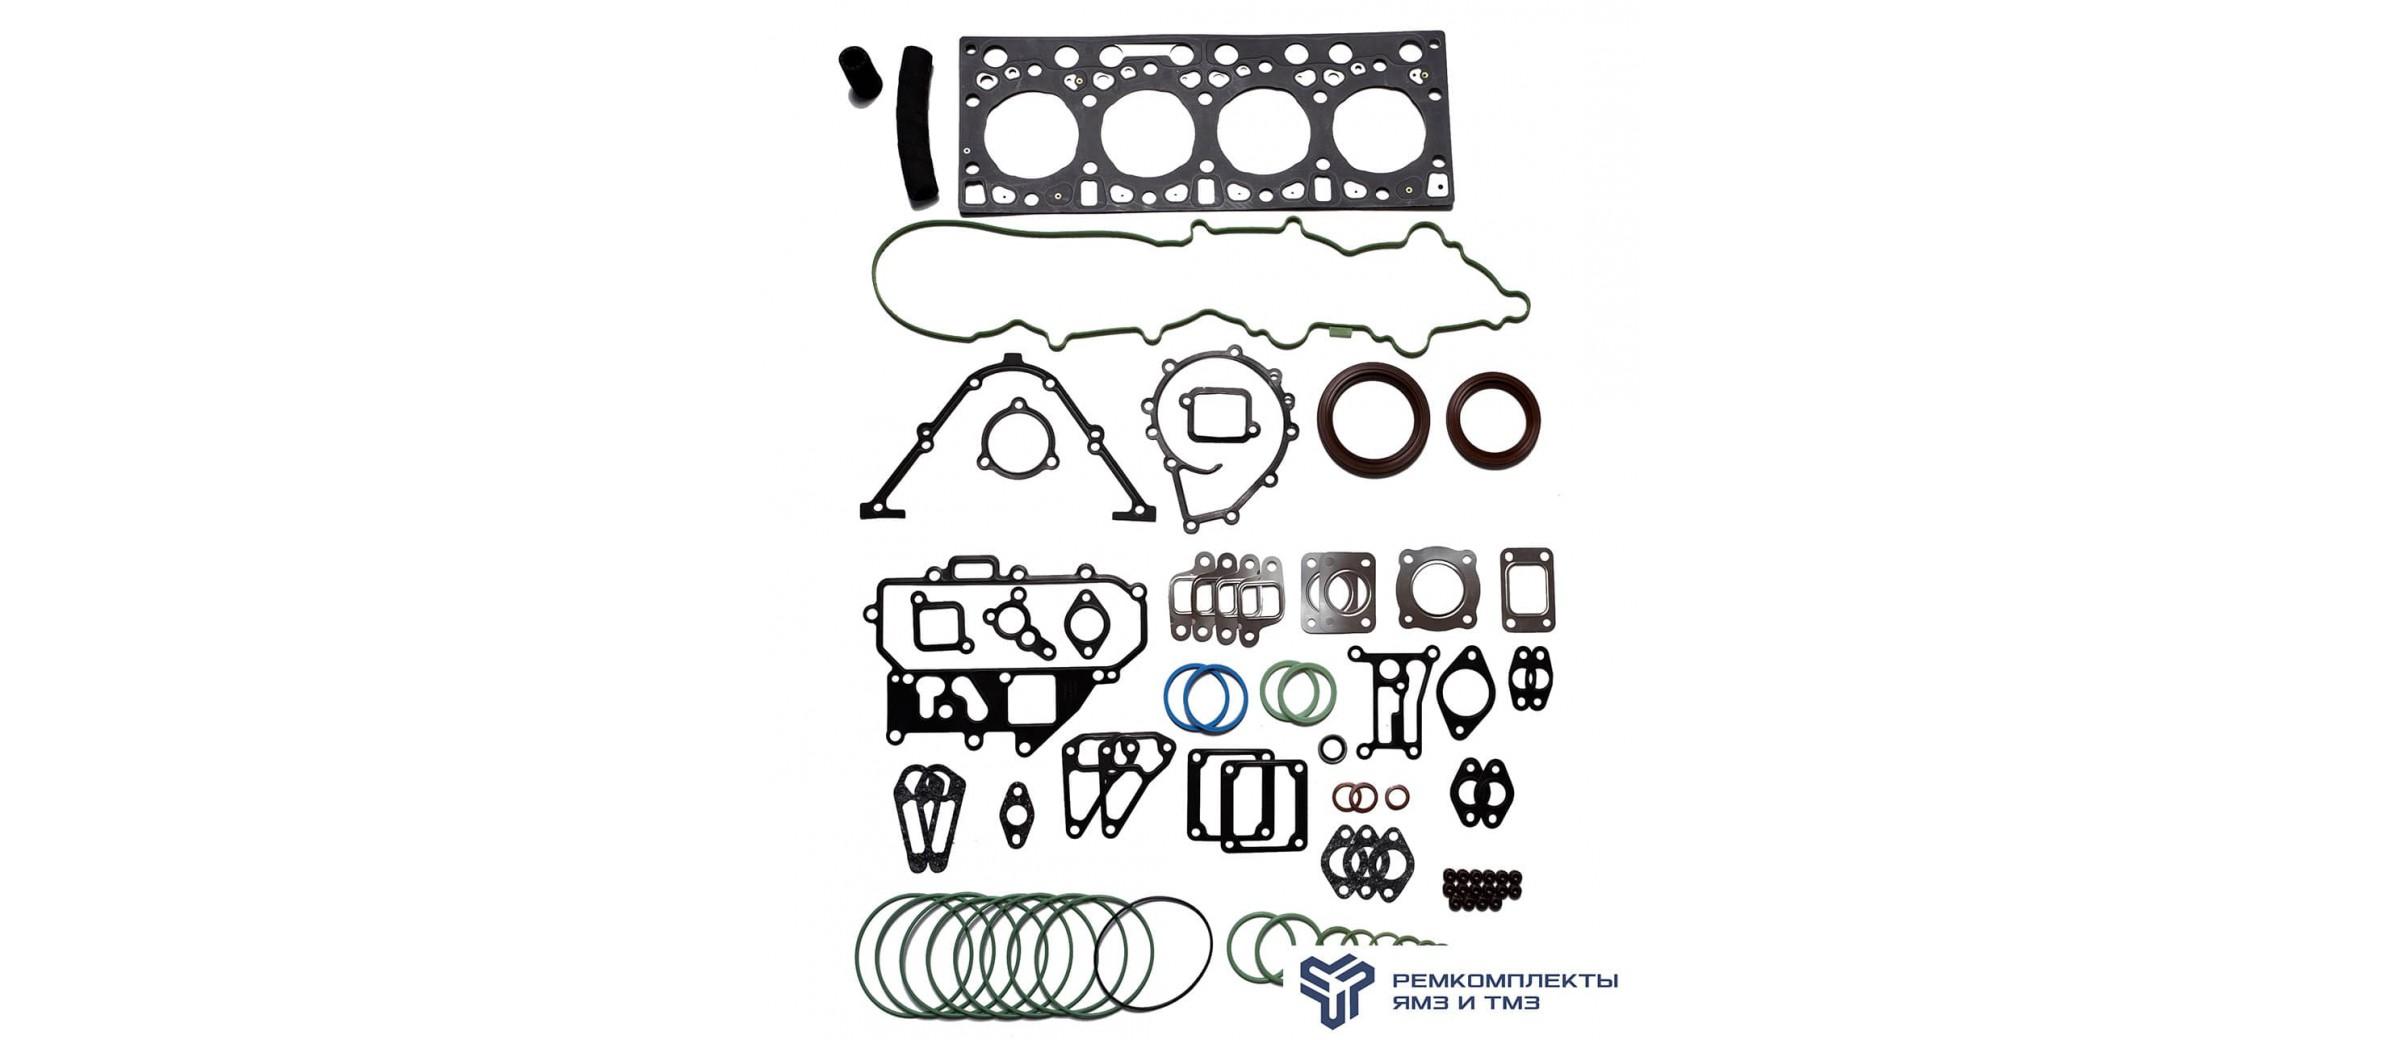 Ремкомплект для ремонта двигателя ЯМЗ-534